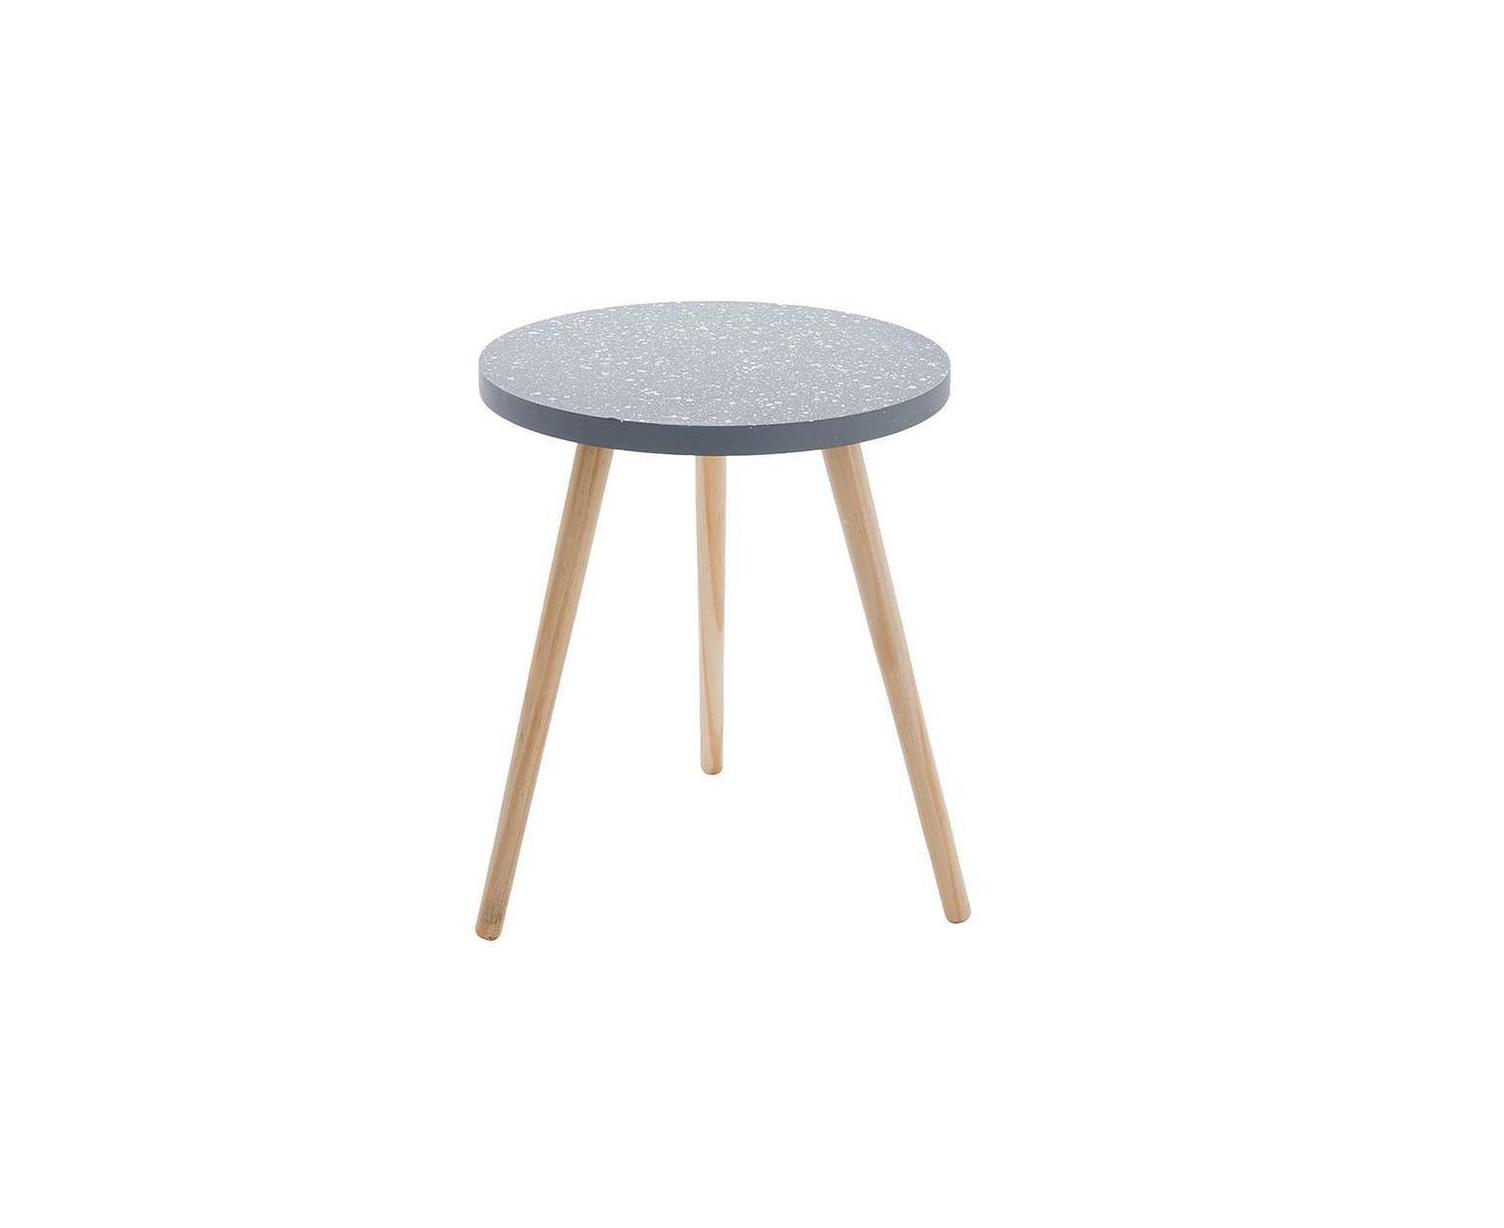 Стол SannersКофейные столики<br><br><br>Material: Сосна<br>Ширина см: 40.0<br>Высота см: 50.0<br>Глубина см: 40.0